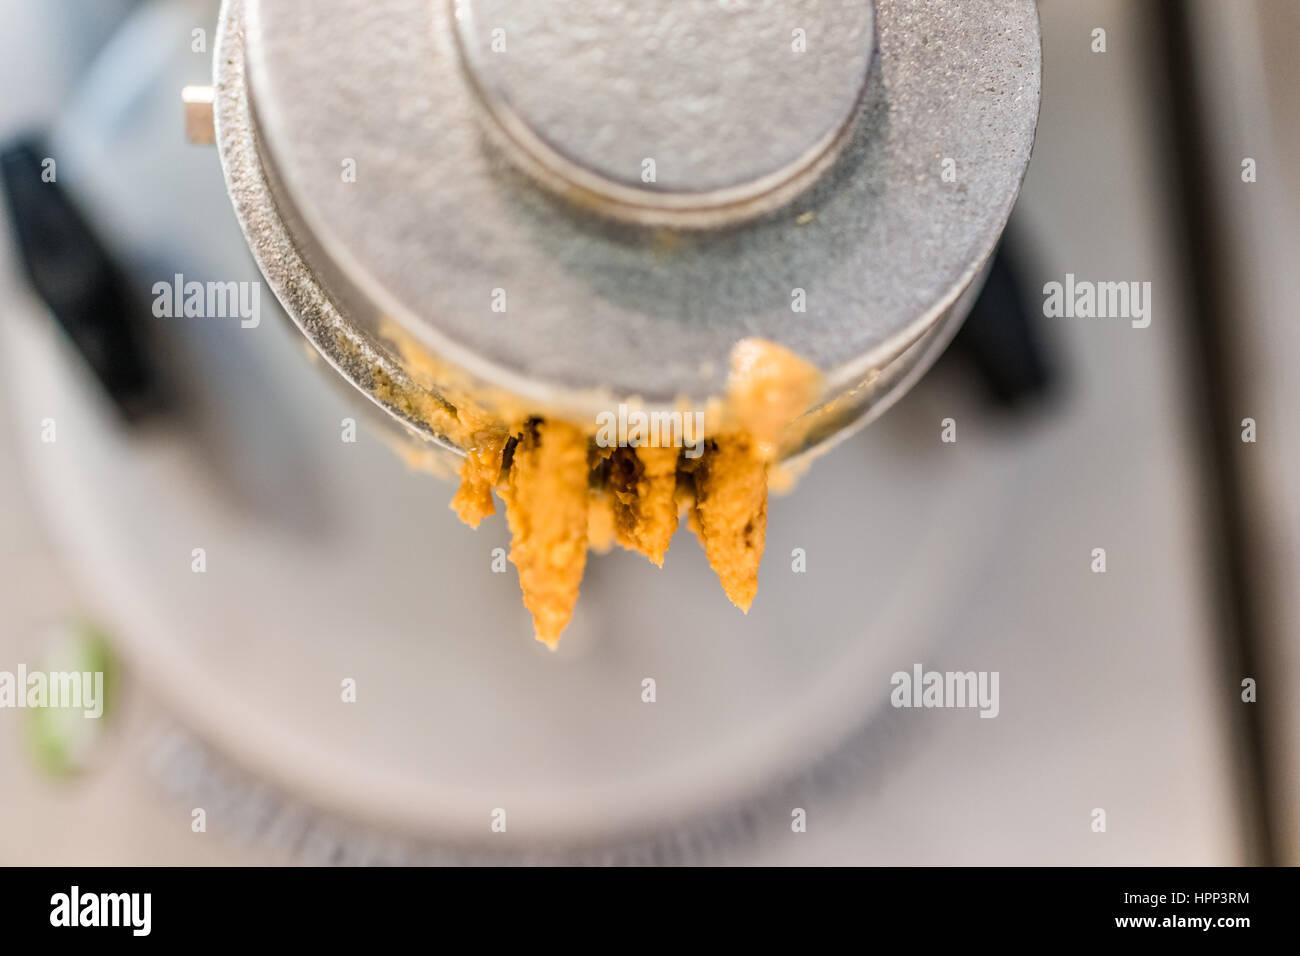 Leftover peanut butter on machine grinder - Stock Image